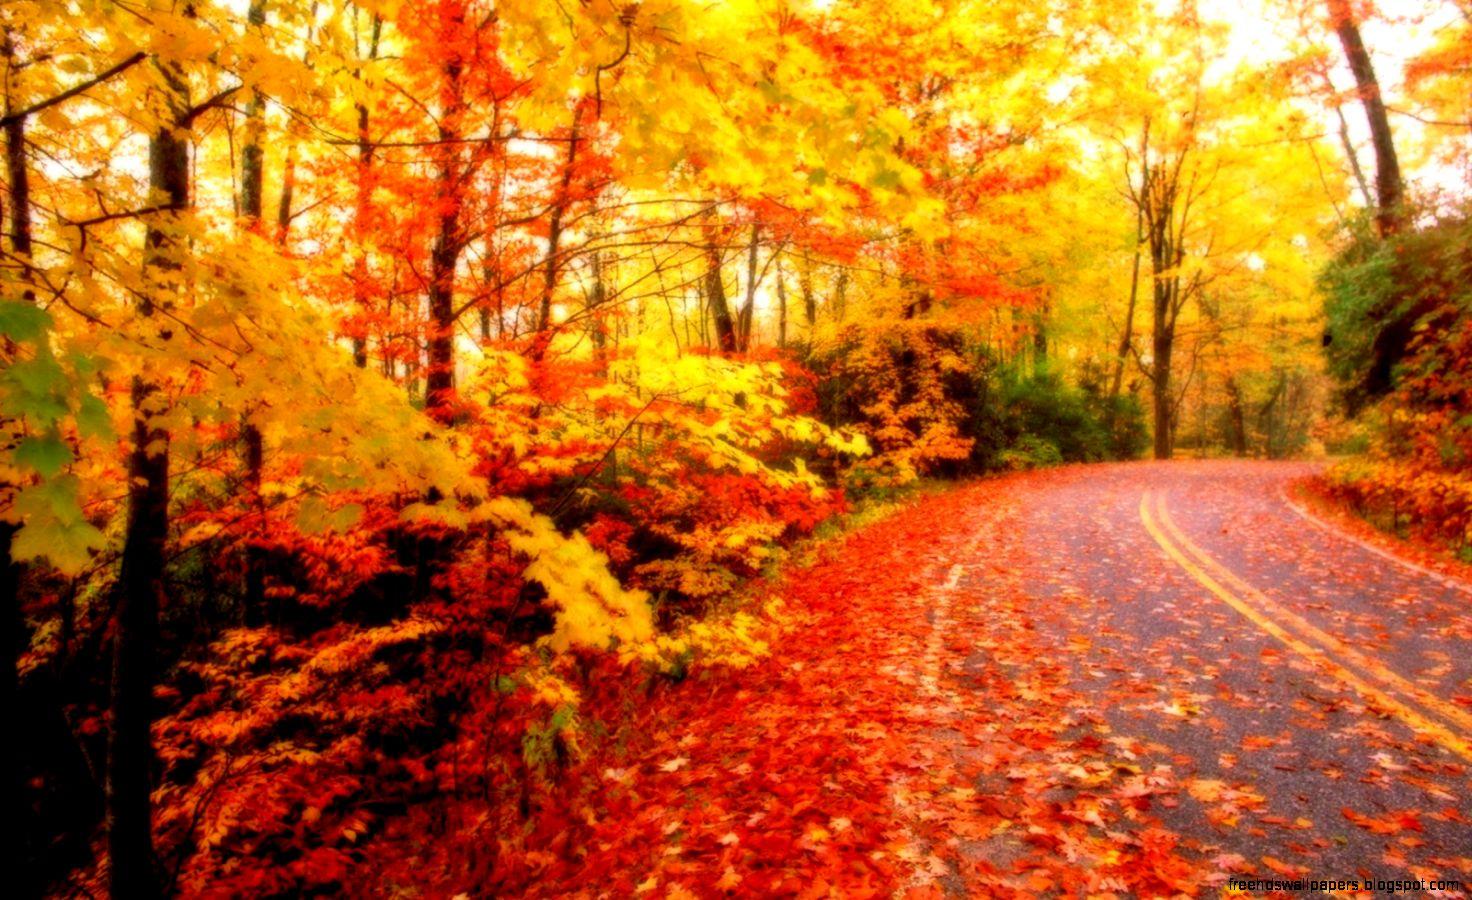 hd widescreen fall wallpaper - photo #29